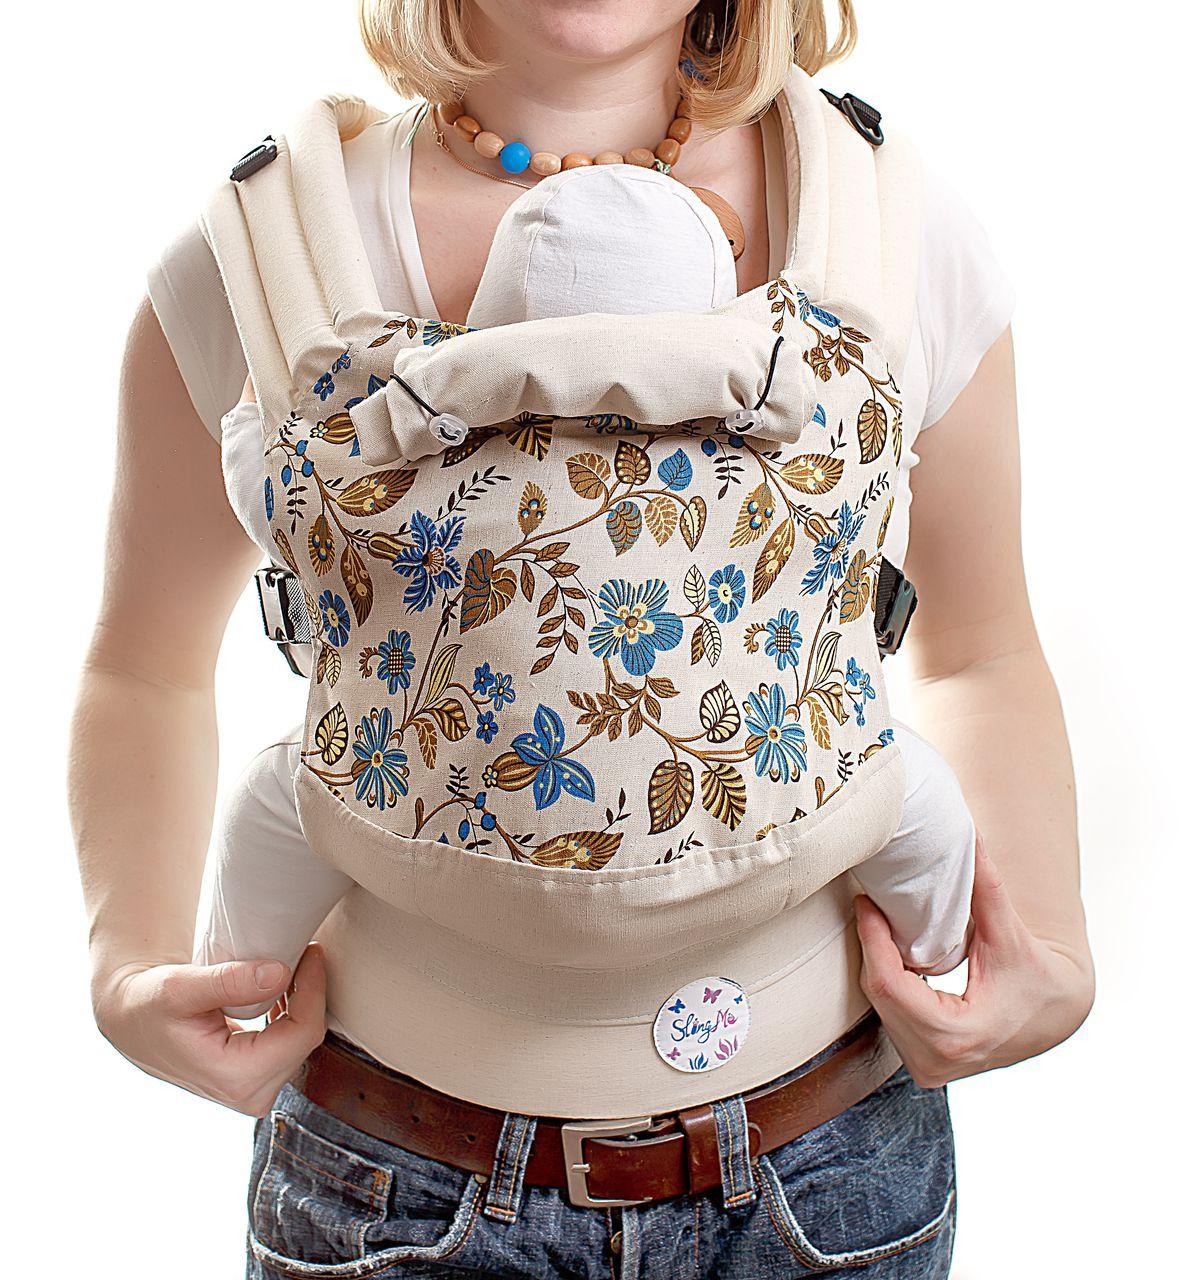 нам попался что такое эрго рюкзак фото прочь полакомиться